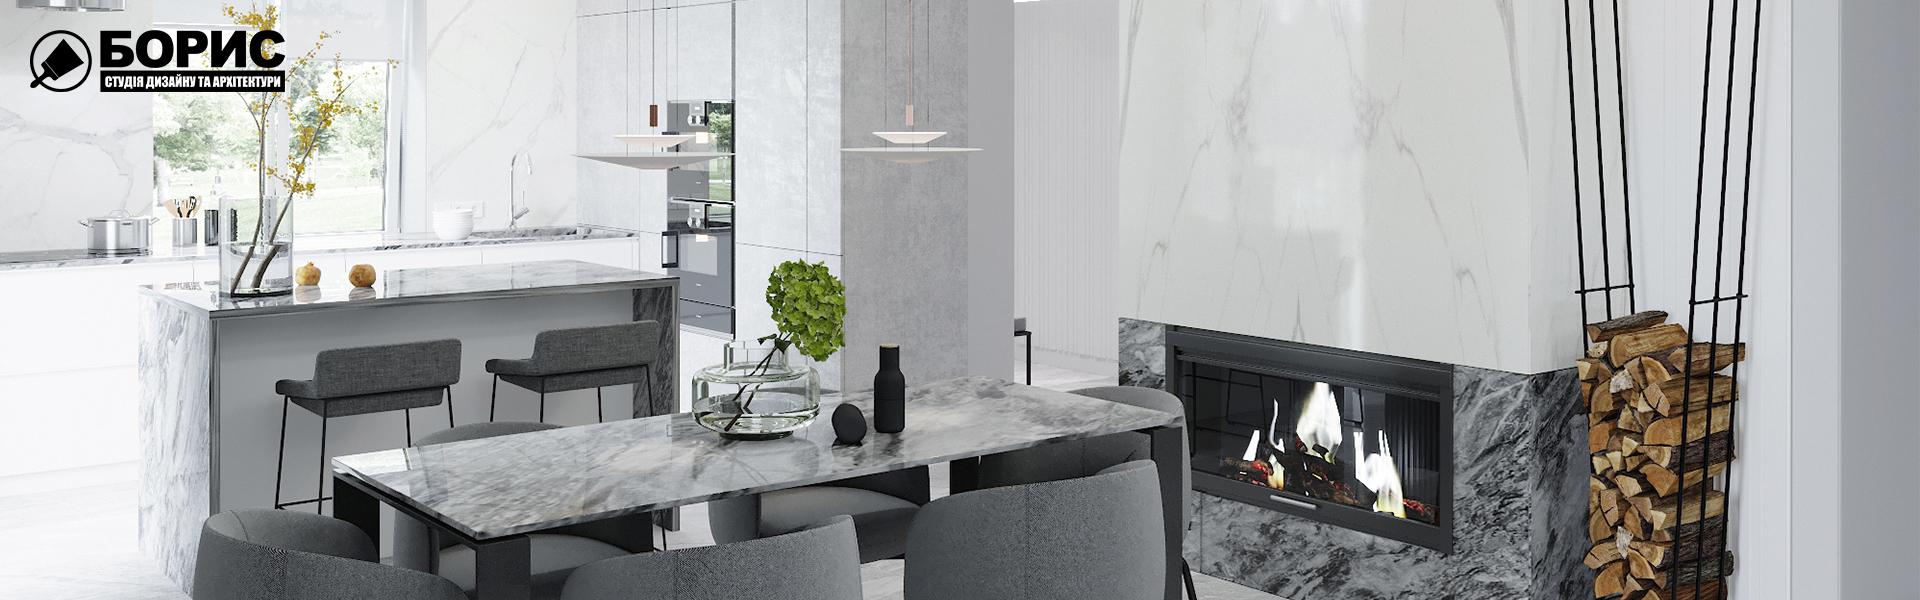 Дизайн интерьера 2020-2021: что сейчас в тренде, дизайн интерьера частного дома